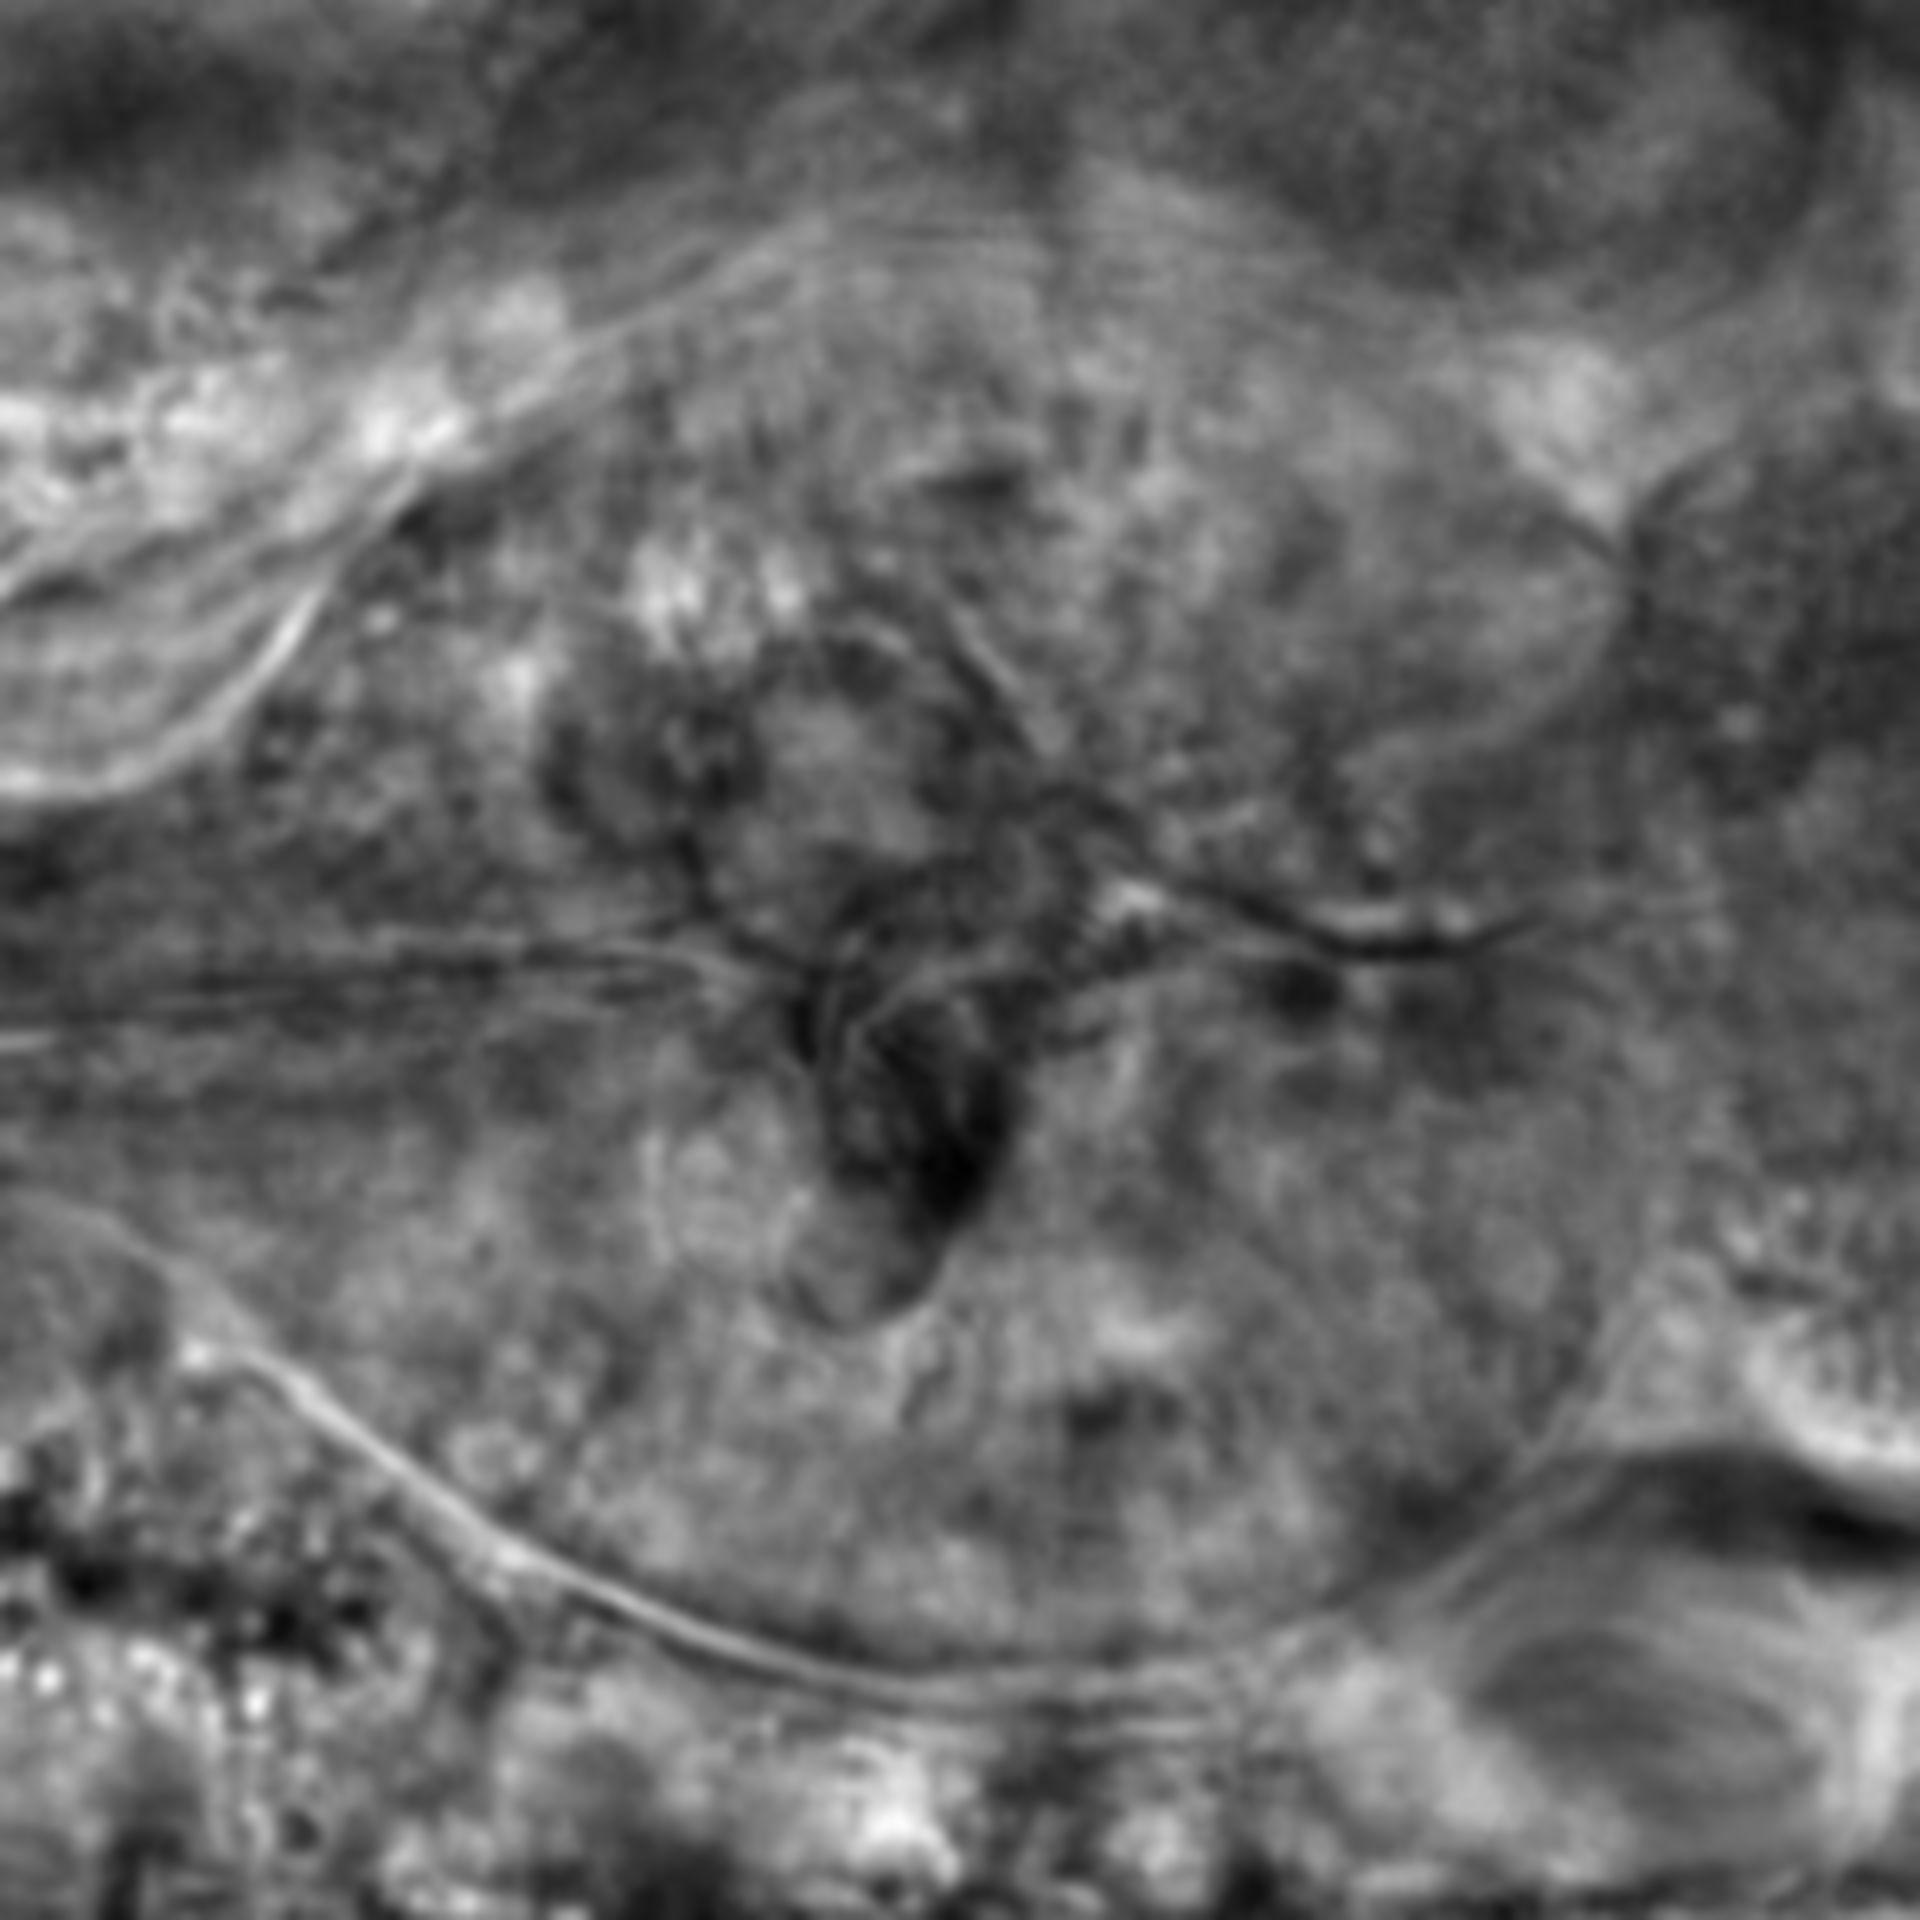 Caenorhabditis elegans - CIL:2275